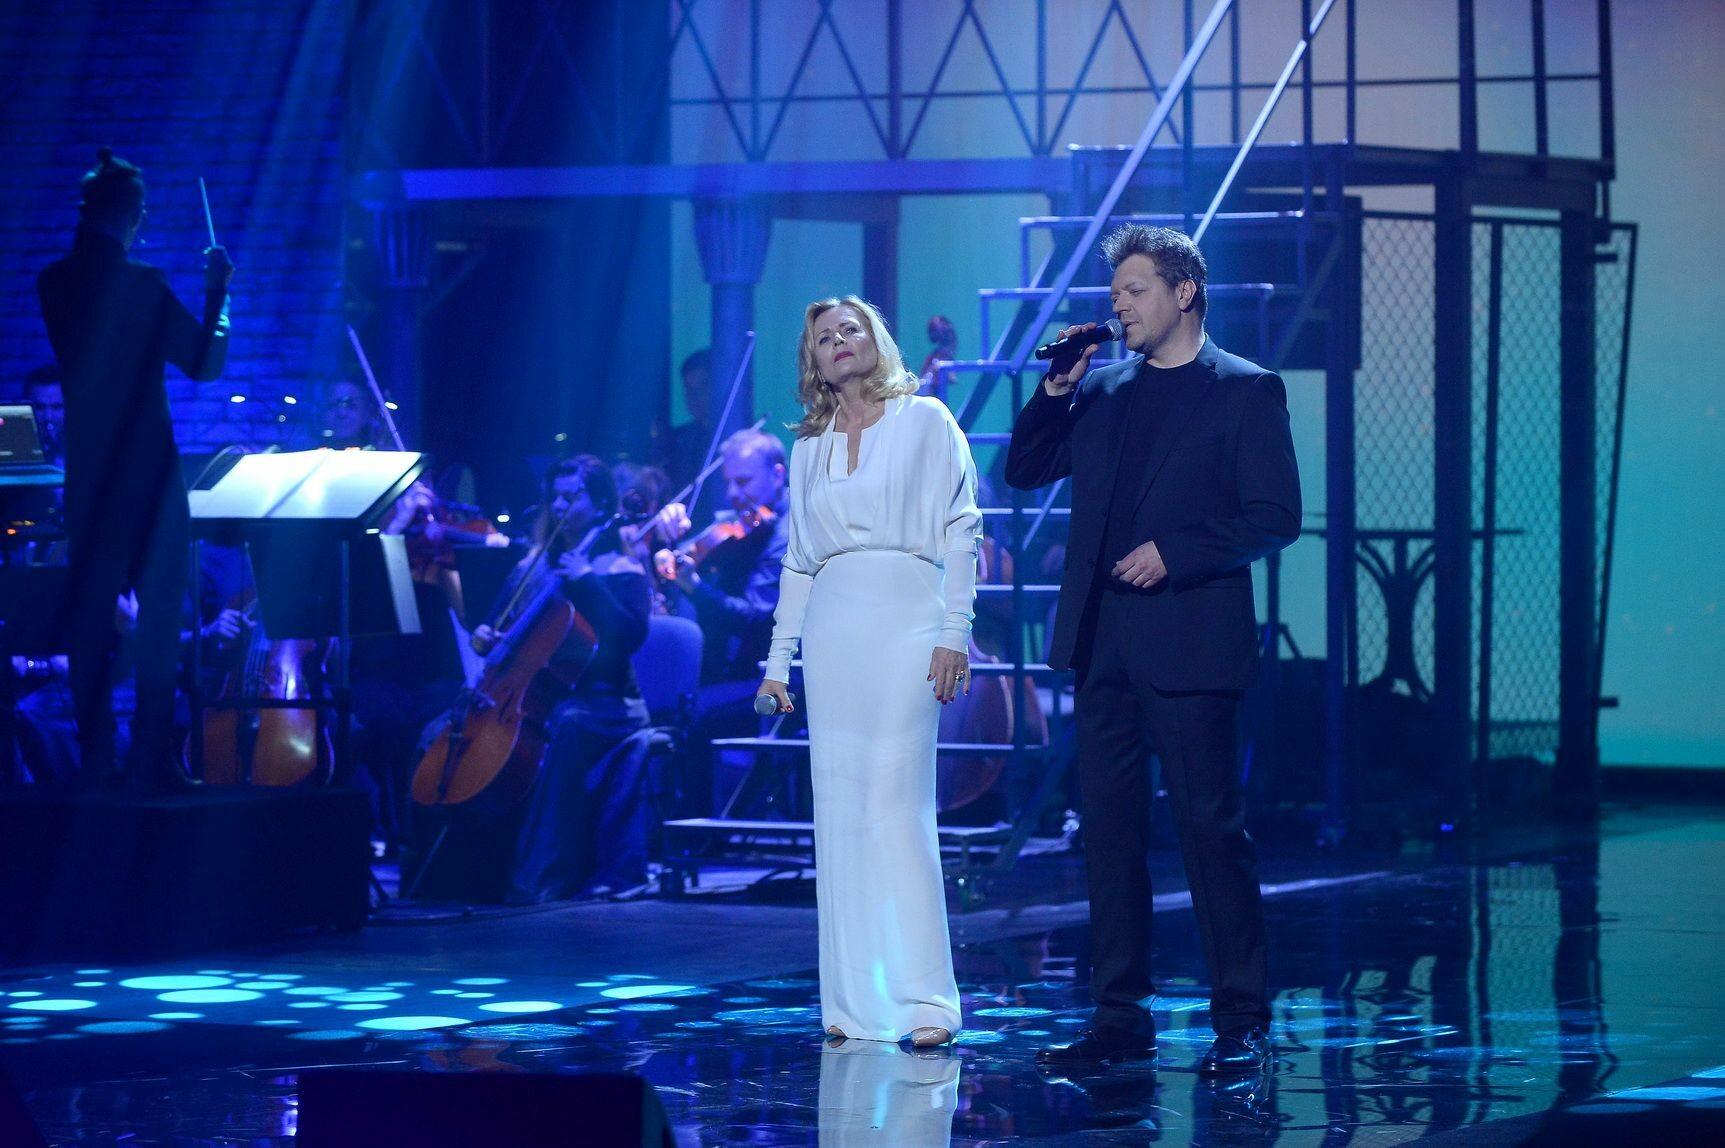 """Koncert """"Gintrowski – a jednak coś po nas zostanie"""" Na scenie Grażyna Szapołowska i Krzysztof Kiljański."""